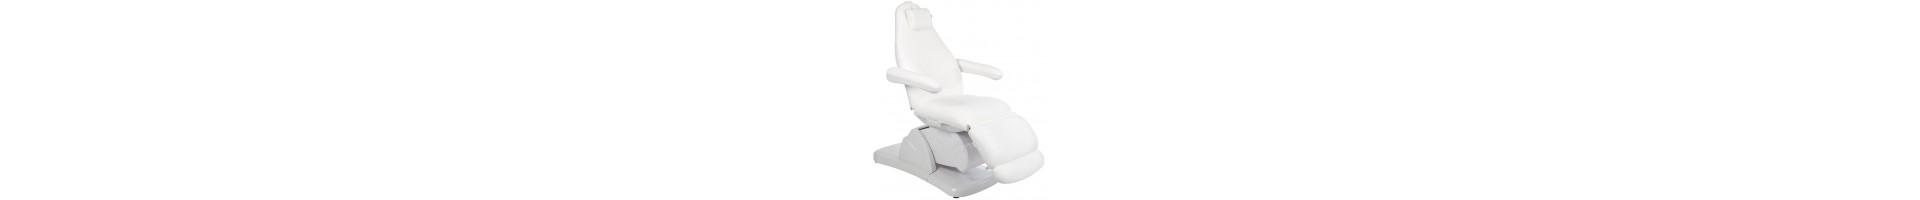 Camillas para estética Weelko para masajes y tratamientos especiales